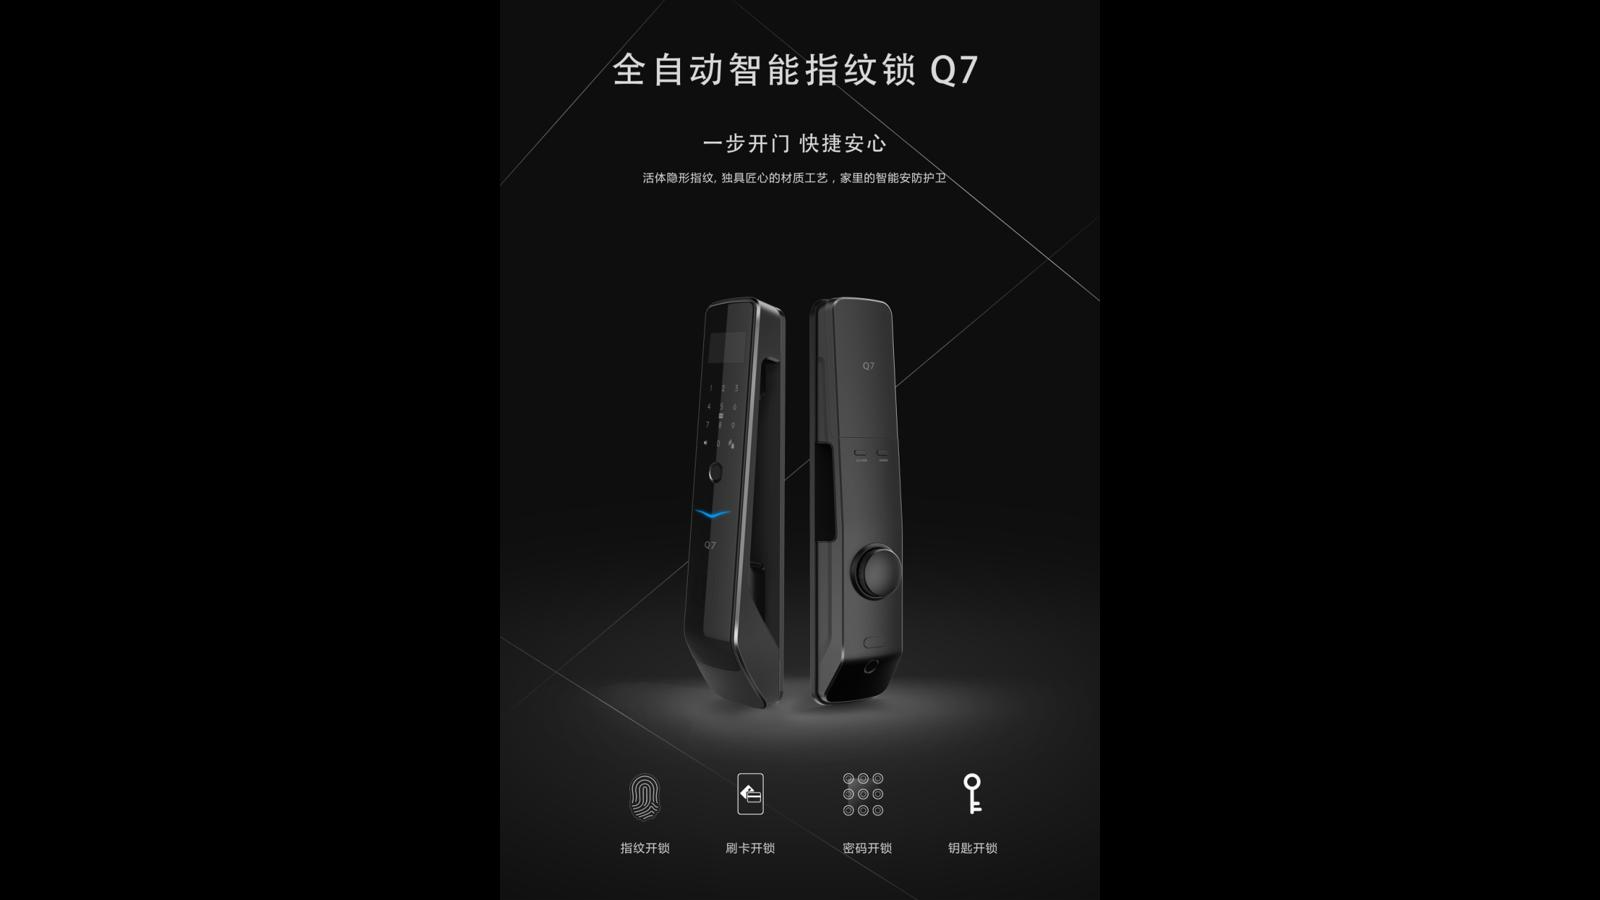 NB-IoT智能门锁 Q7